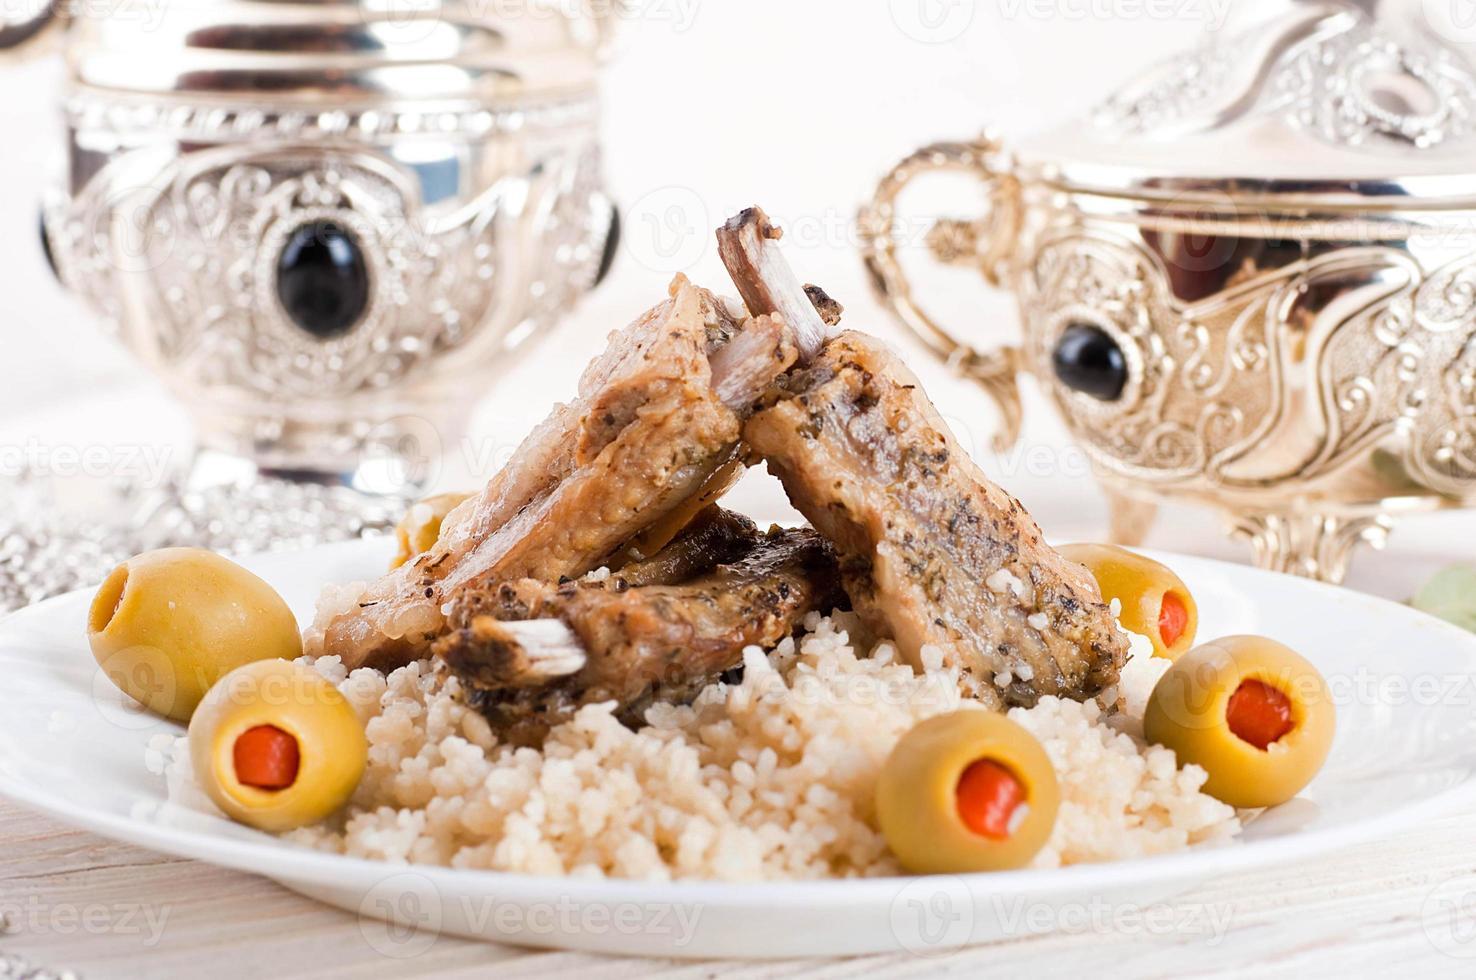 tagine marroquino com costelas de cordeiro foto